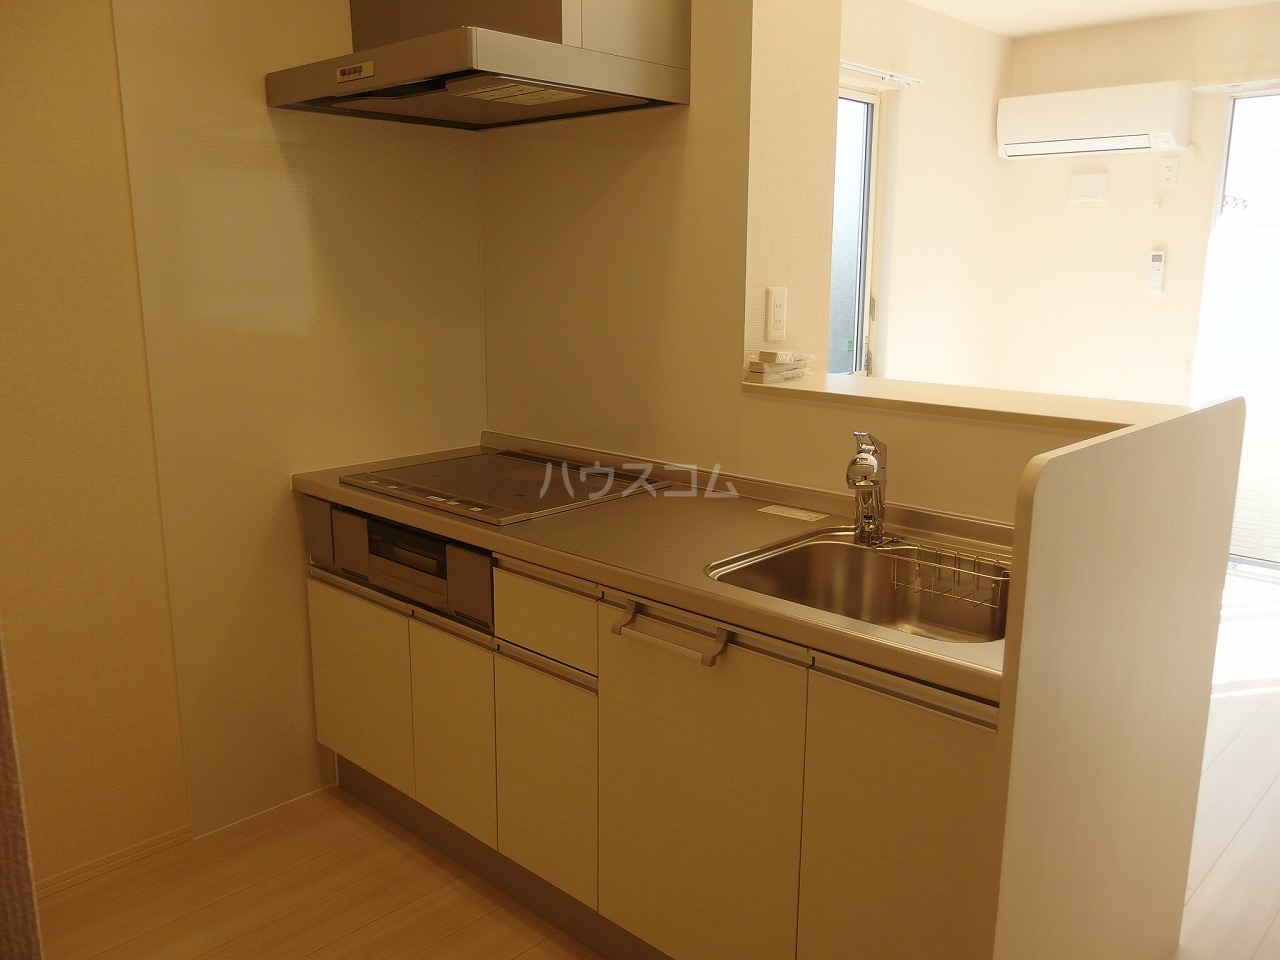 グランメール 103号室のキッチン